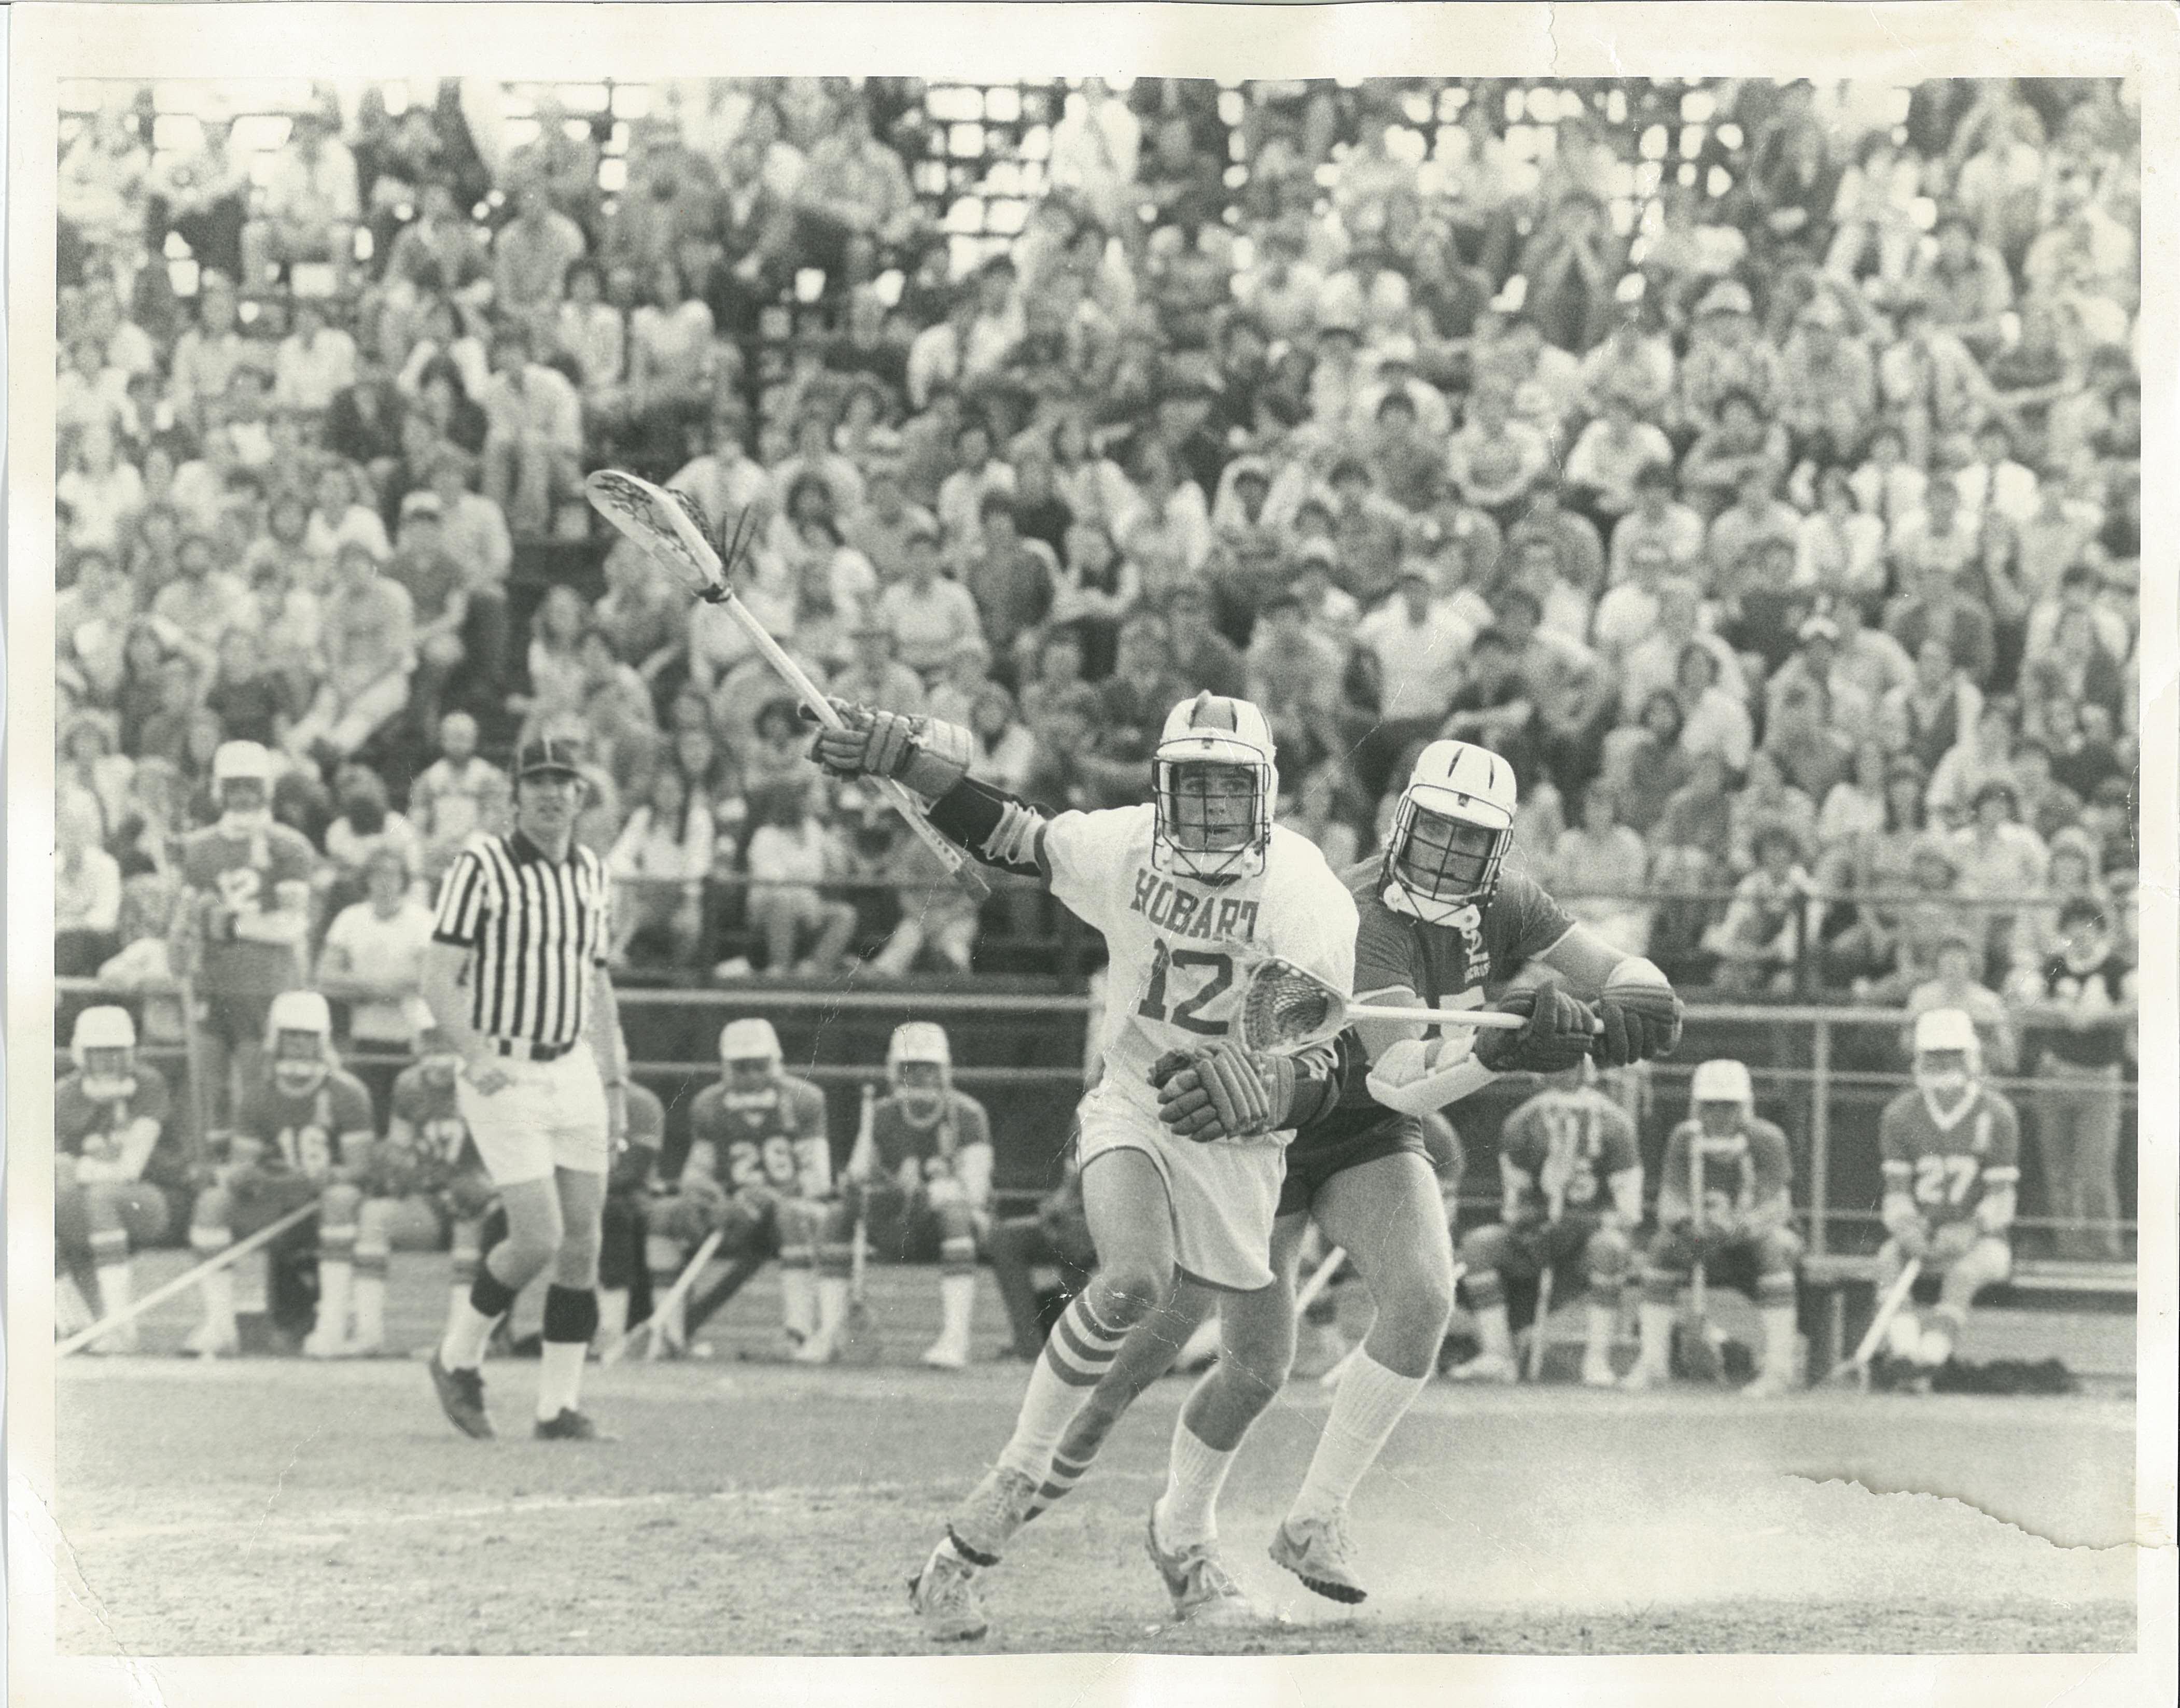 Jim Calder Tales of a Lacrosse Troubadour